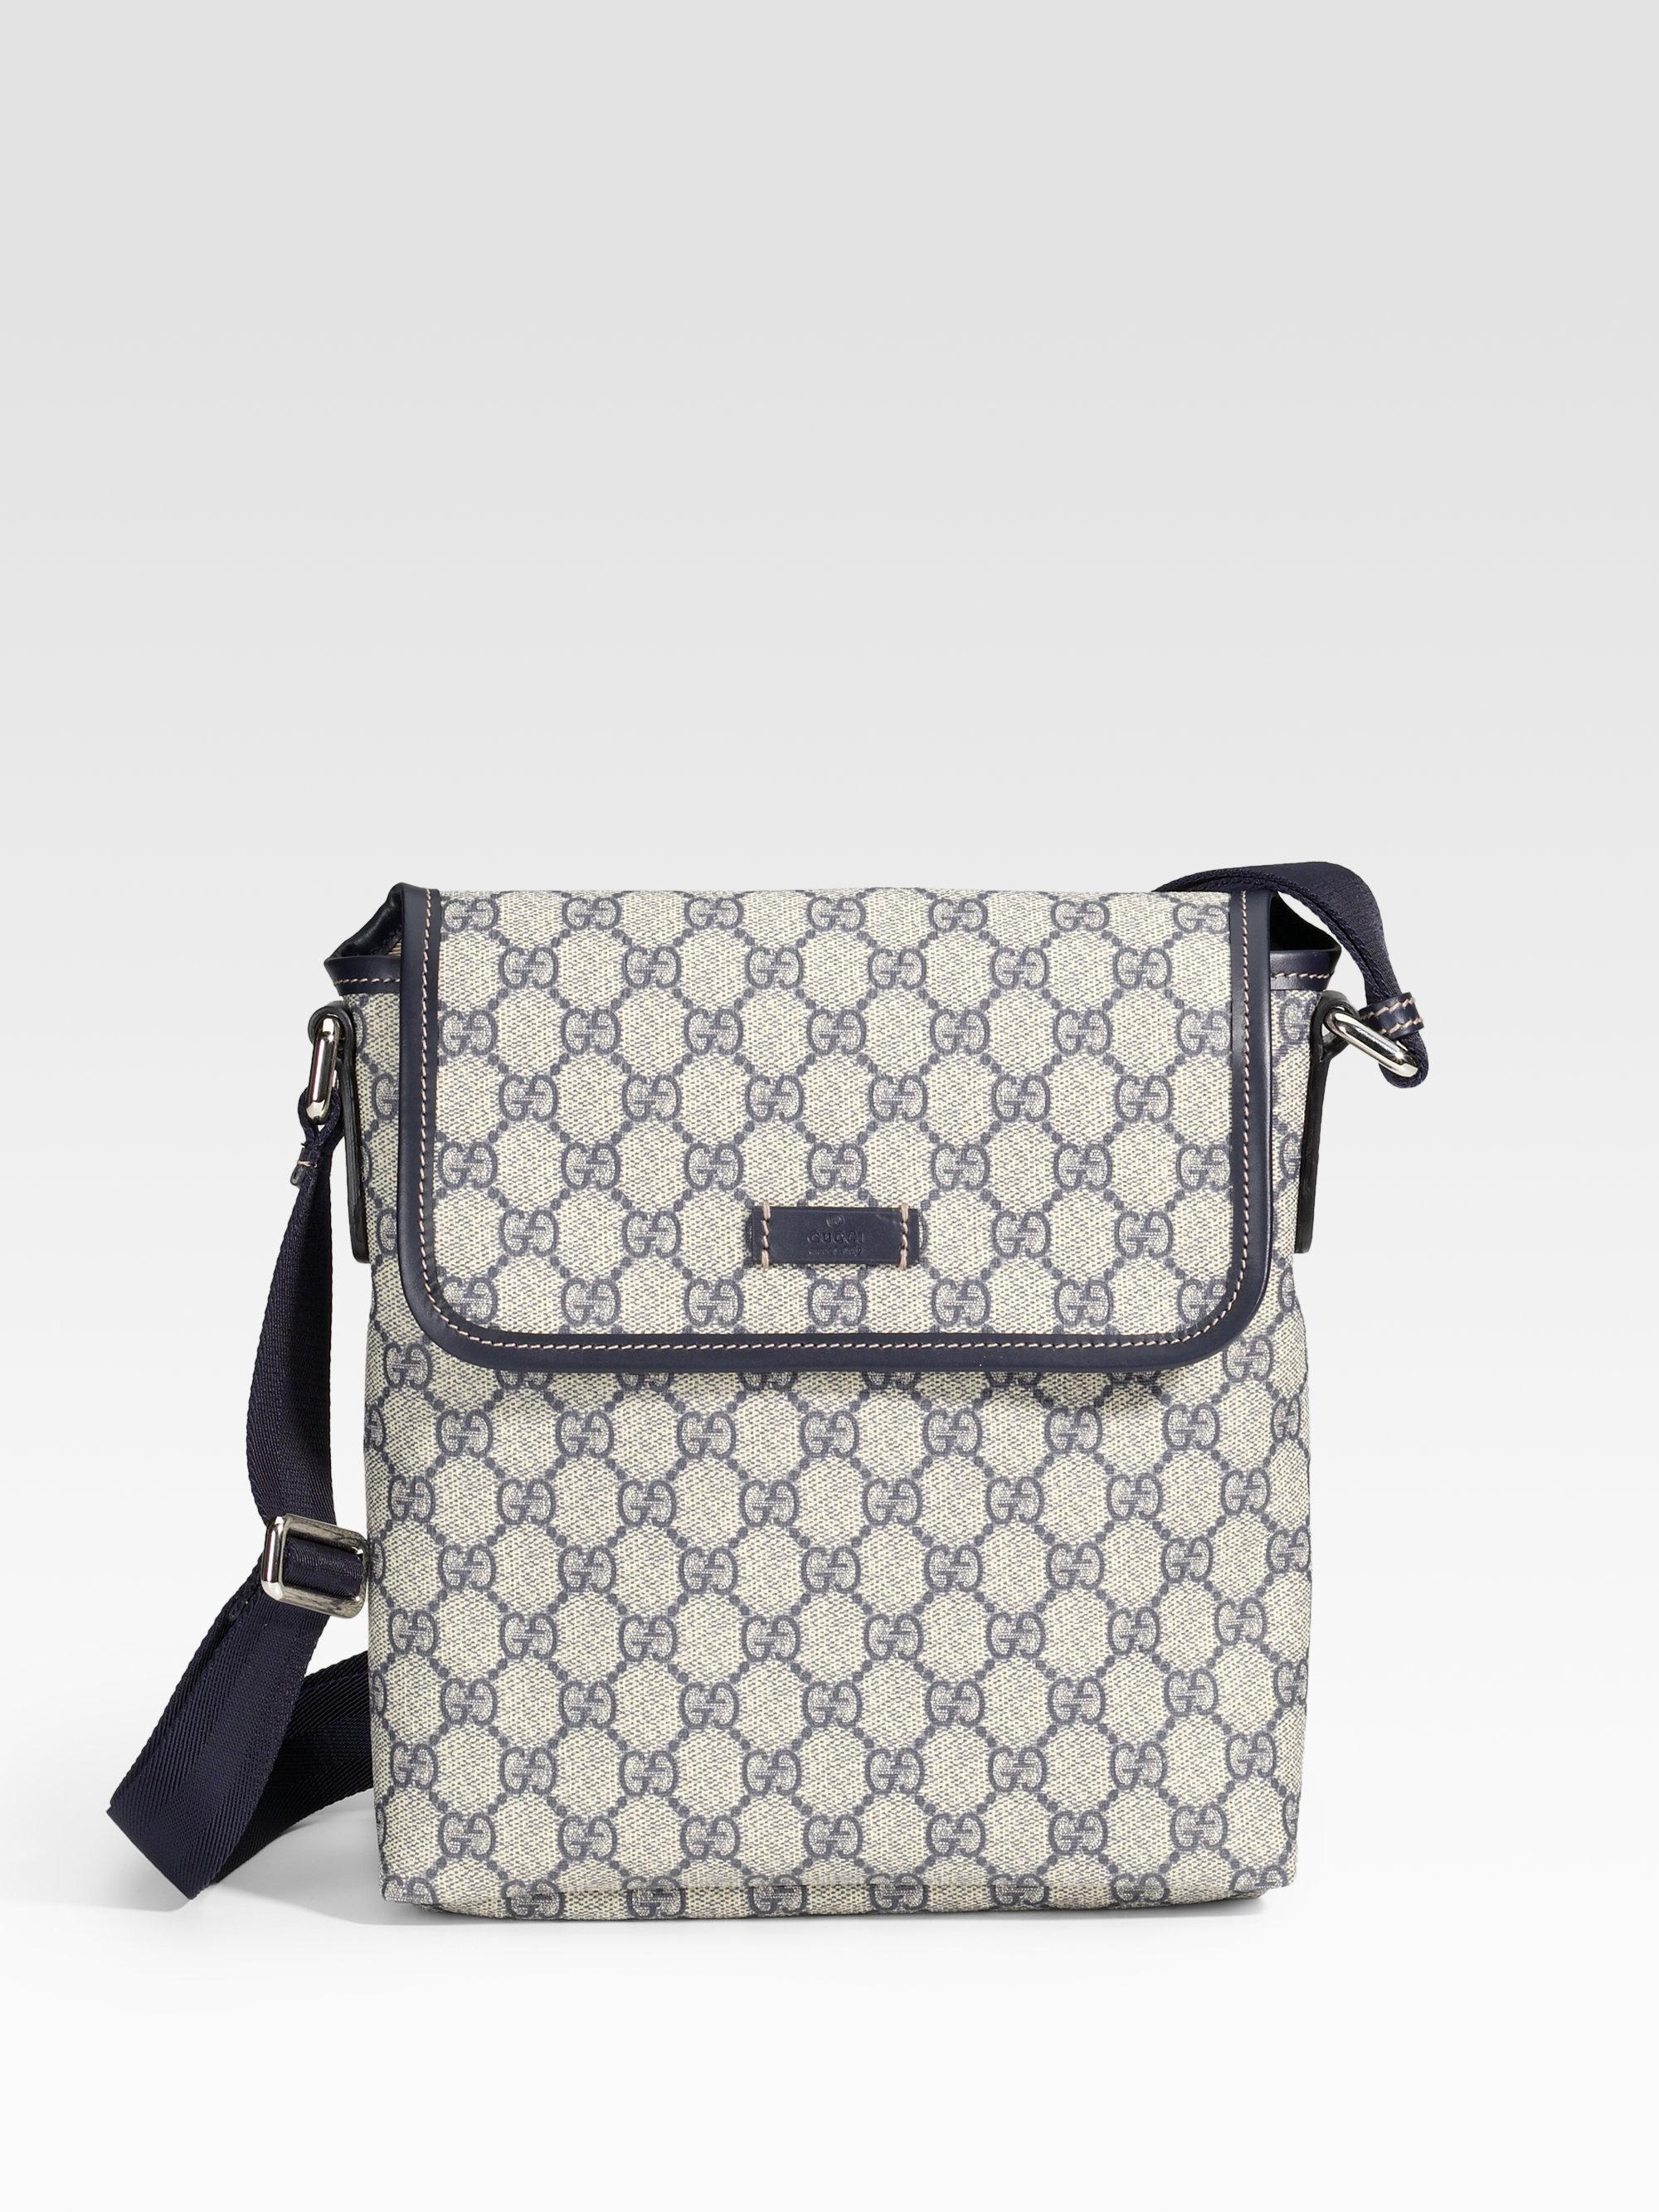 gucci messenger bag bags more. Black Bedroom Furniture Sets. Home Design Ideas